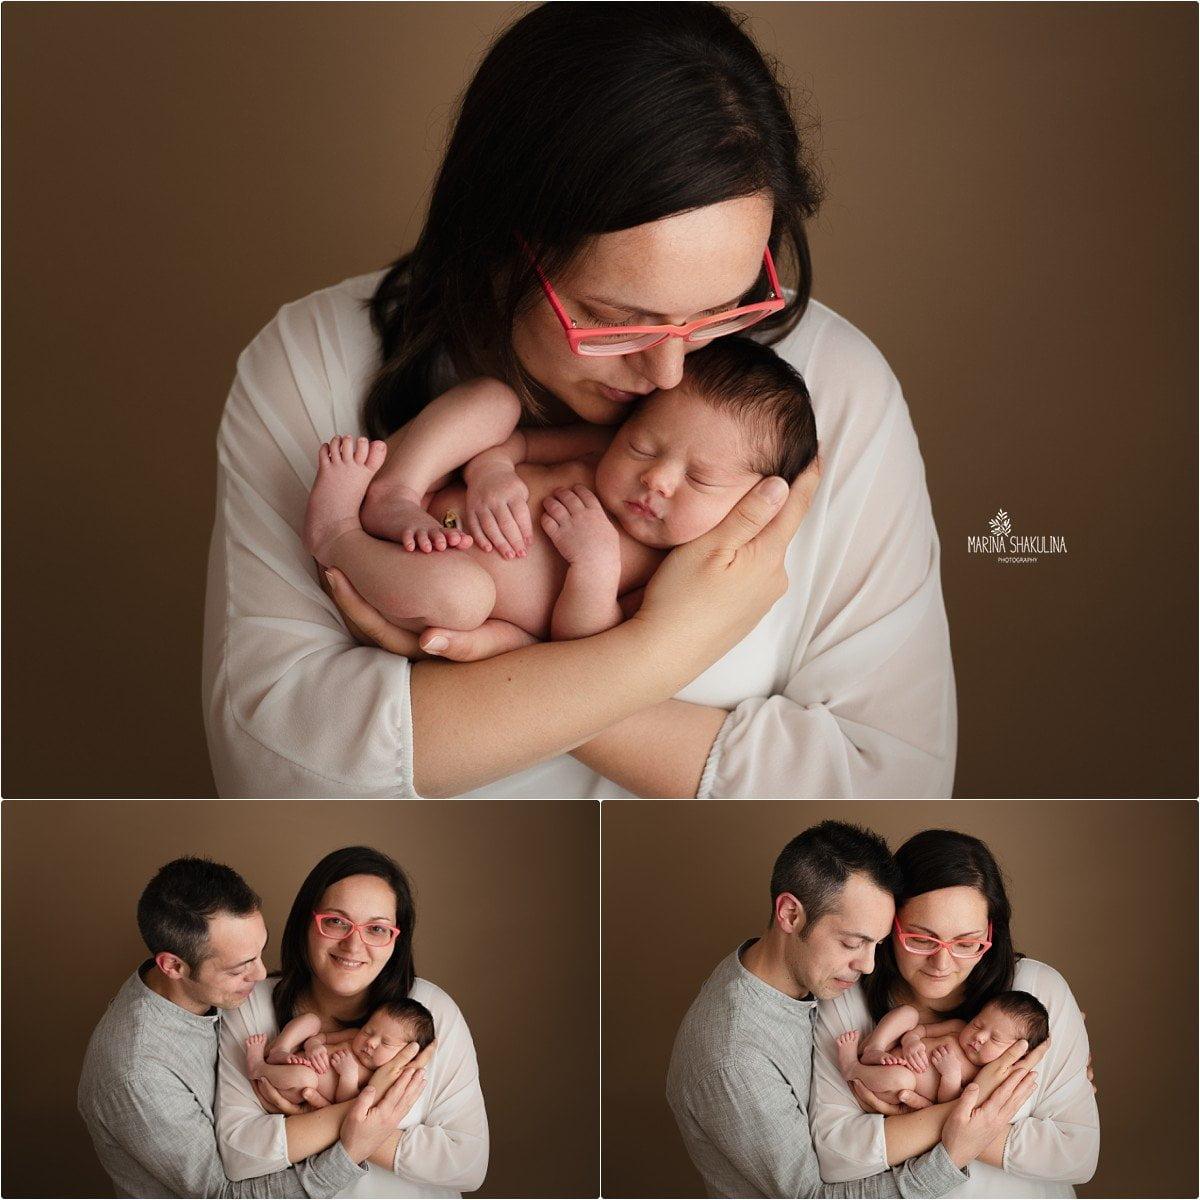 foto neonato a Verona - amorino di mamma e papà